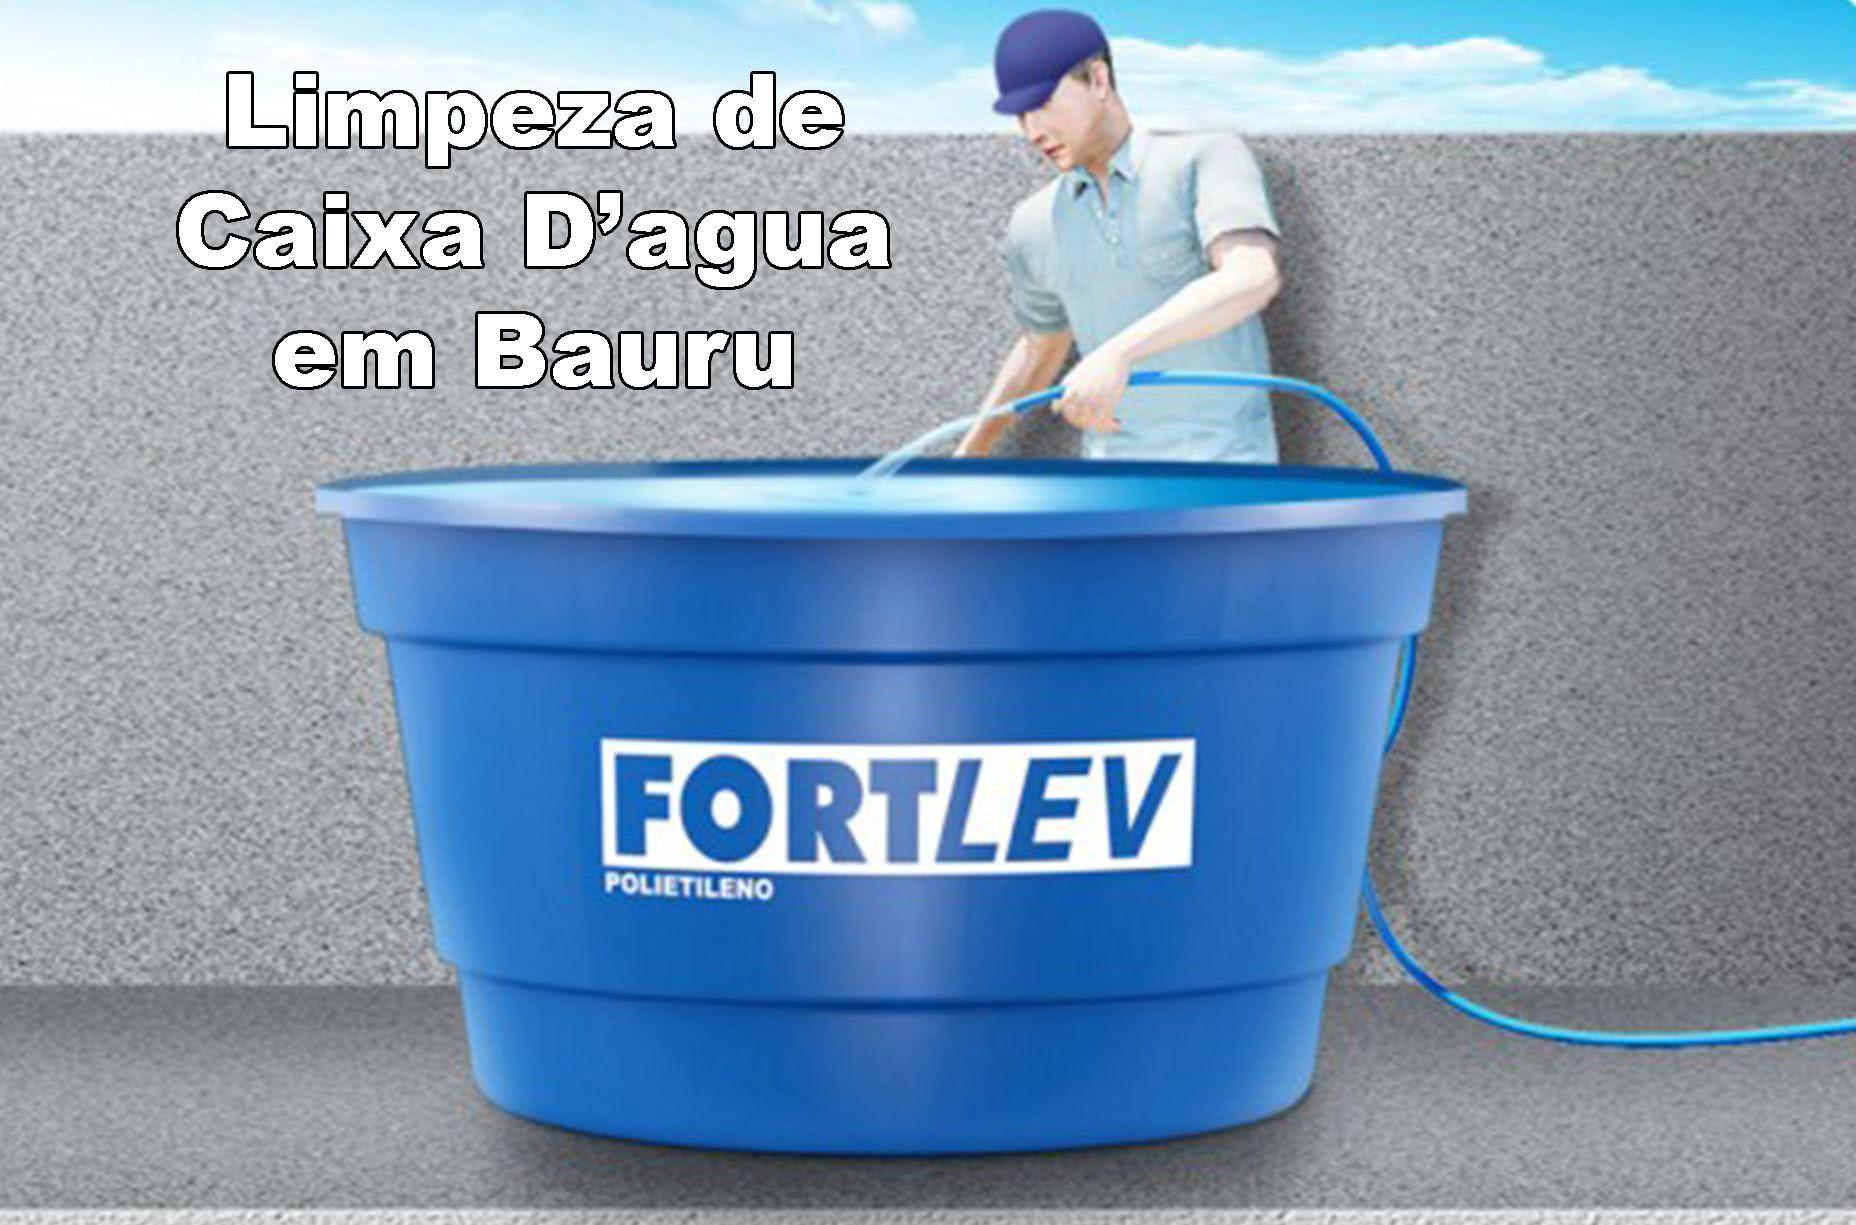 Limpeza de Caixa D'água em Bauru